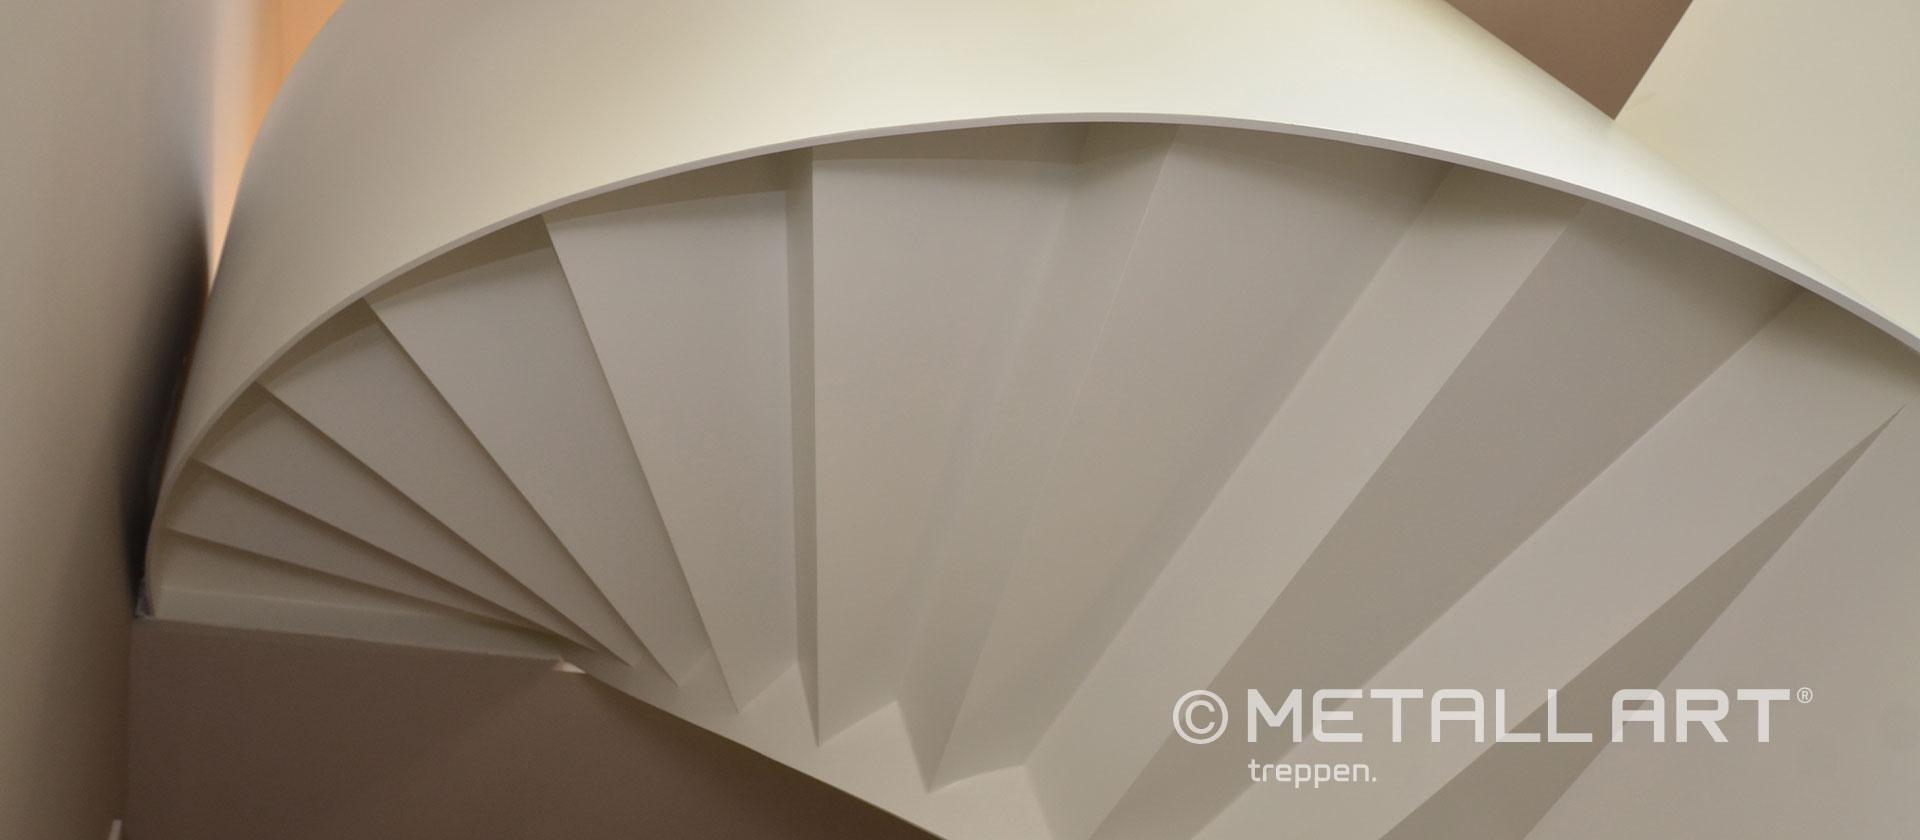 Gewendelte Treppe in hellem Stil